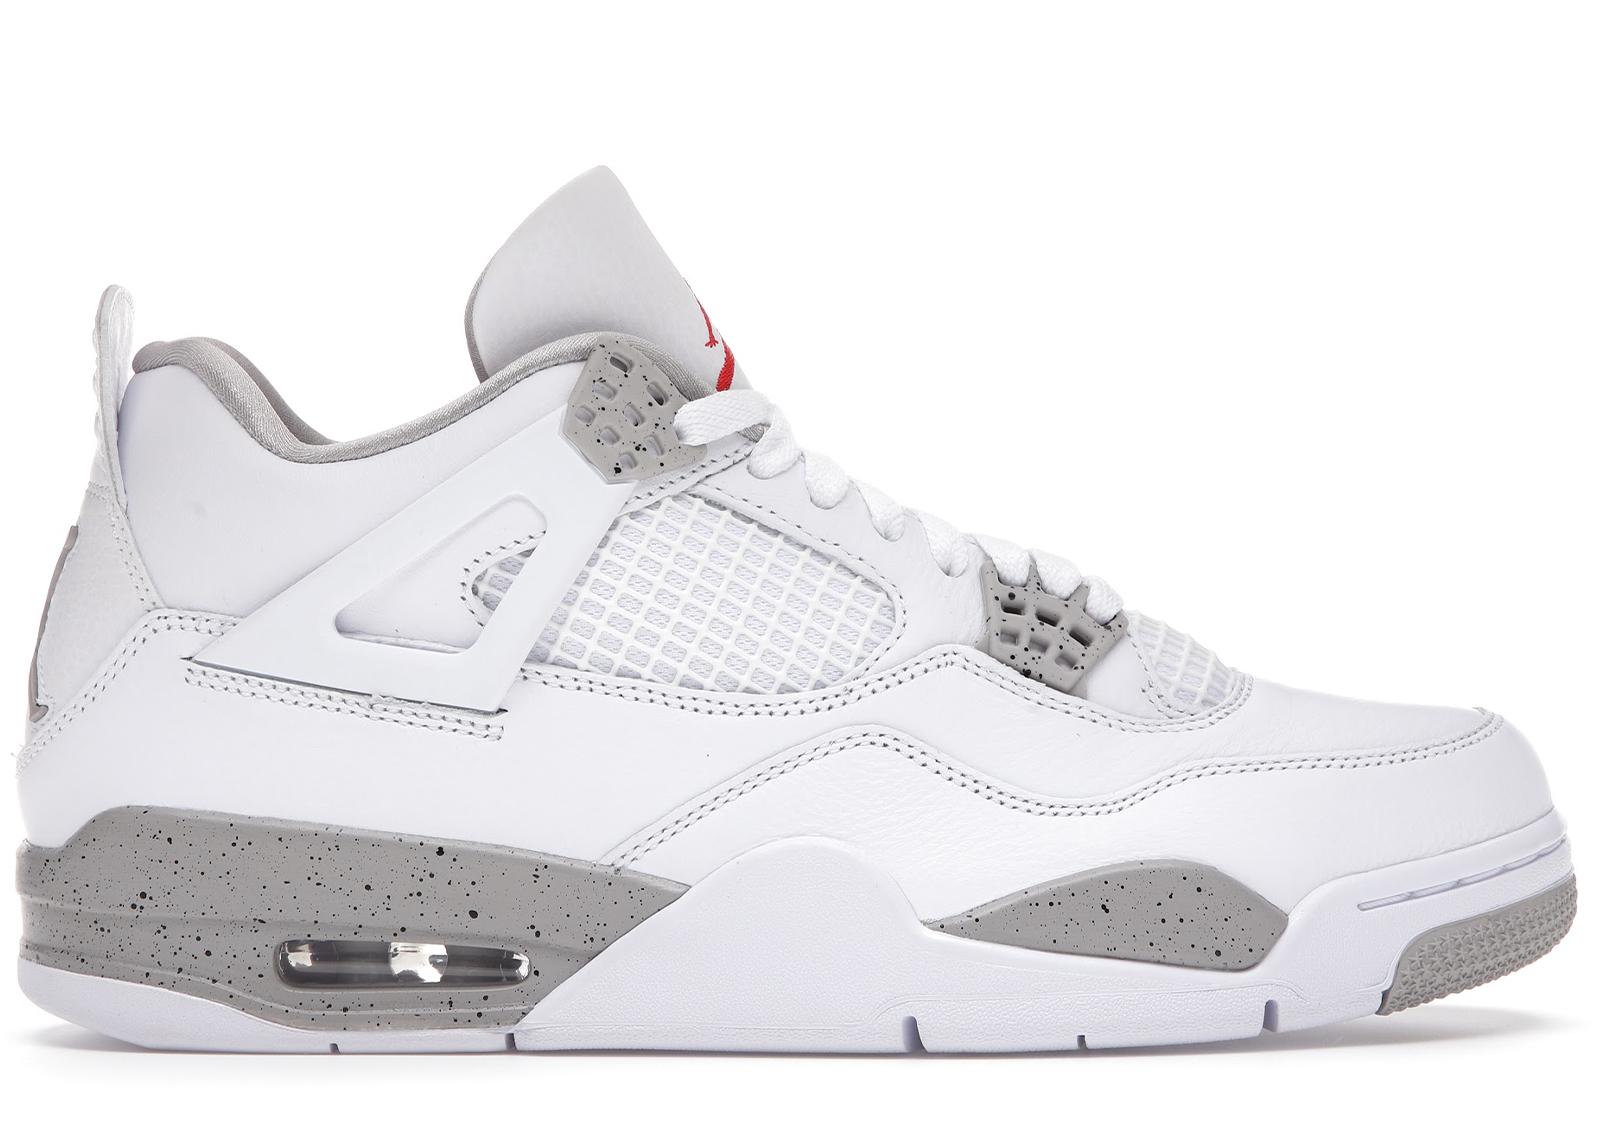 Jordan 4 Retro White Oreo (2021)